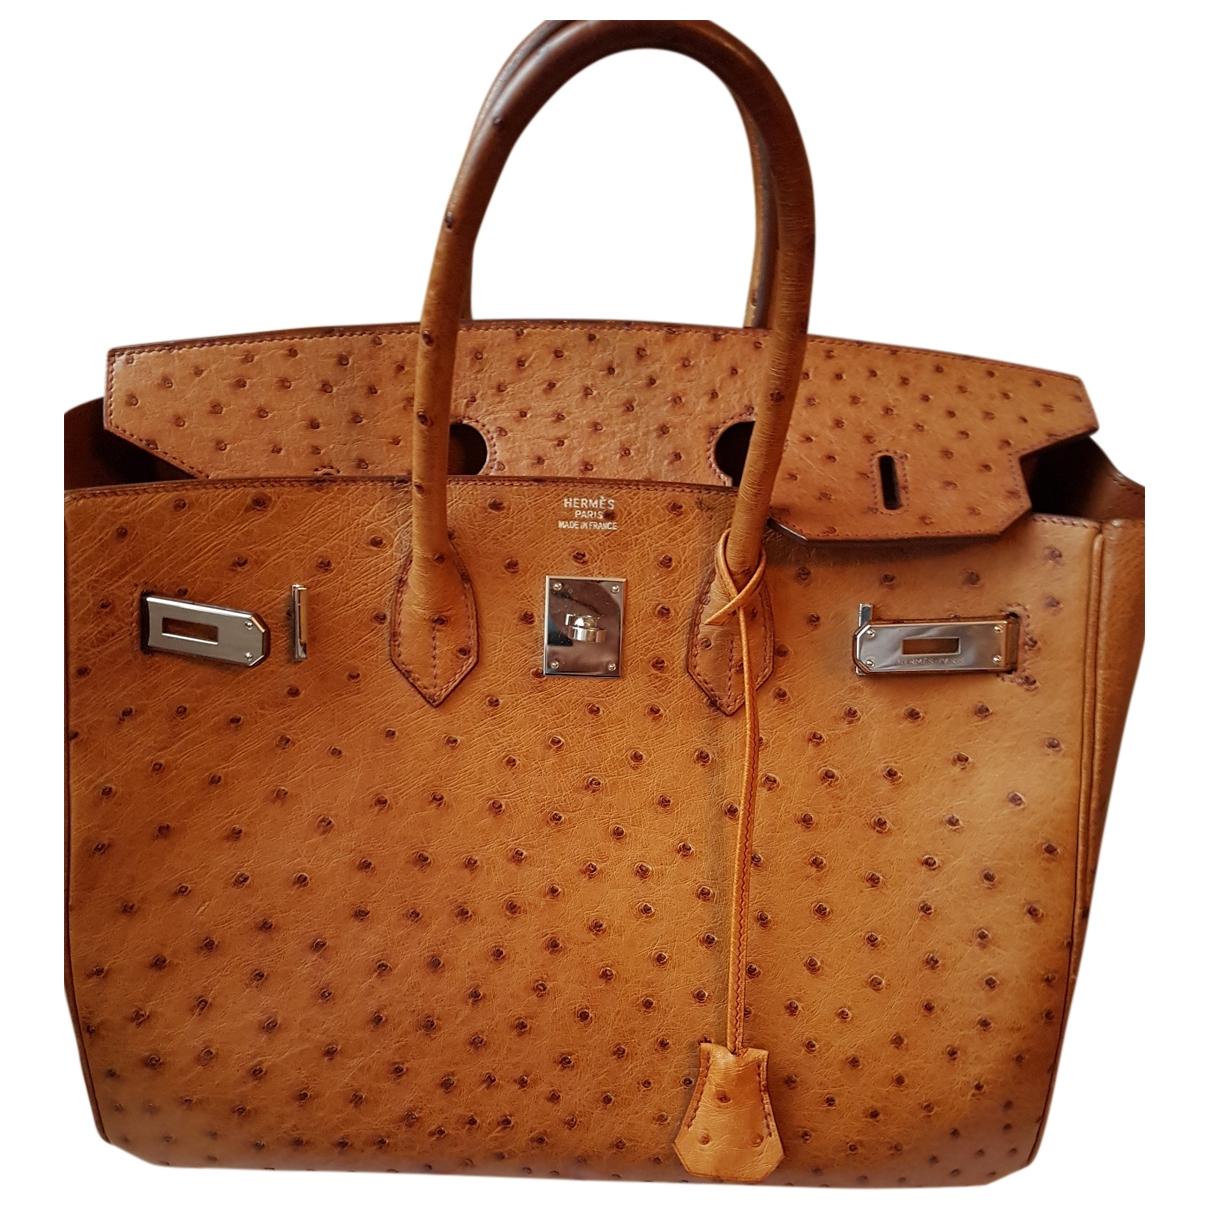 Hermes Birkin 40 Handtasche in  Braun Vogelstrauss